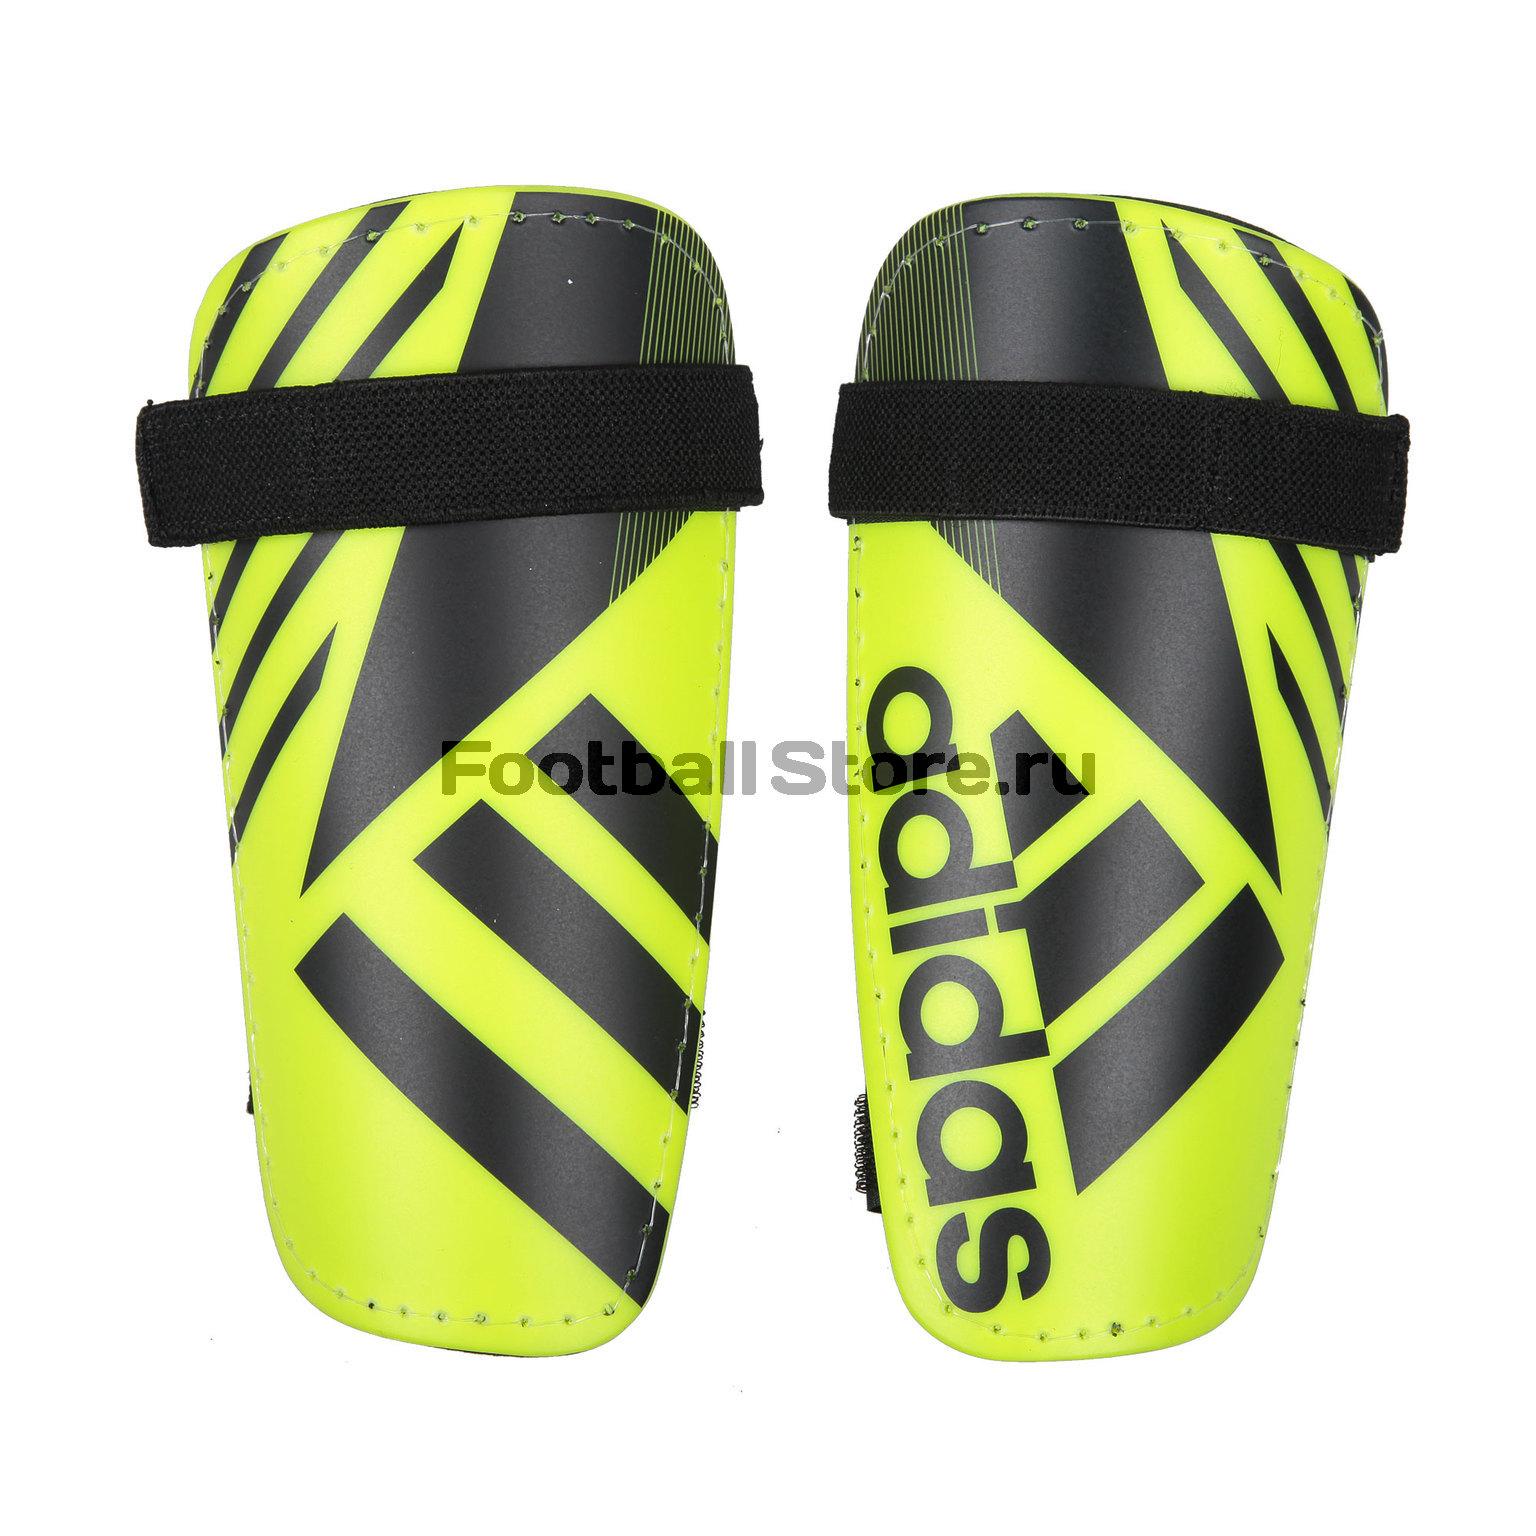 Adidas Щитки футбольные Adidas Ghost Lite AP7060